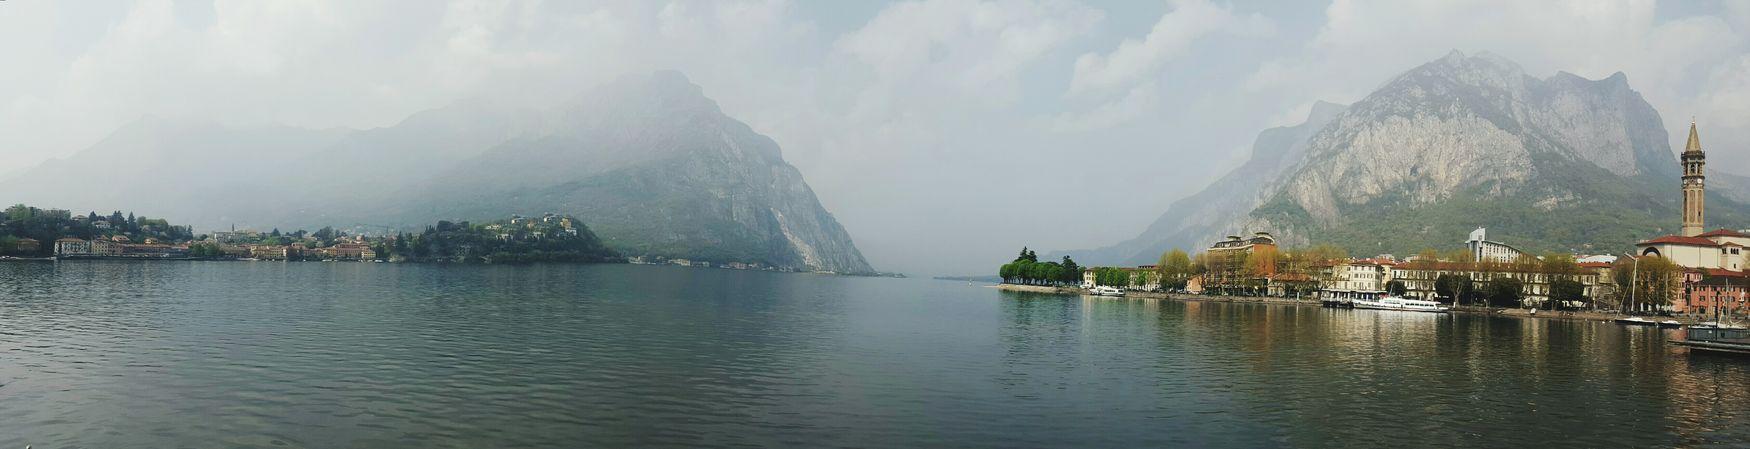 Lecco lake,Como Italy School